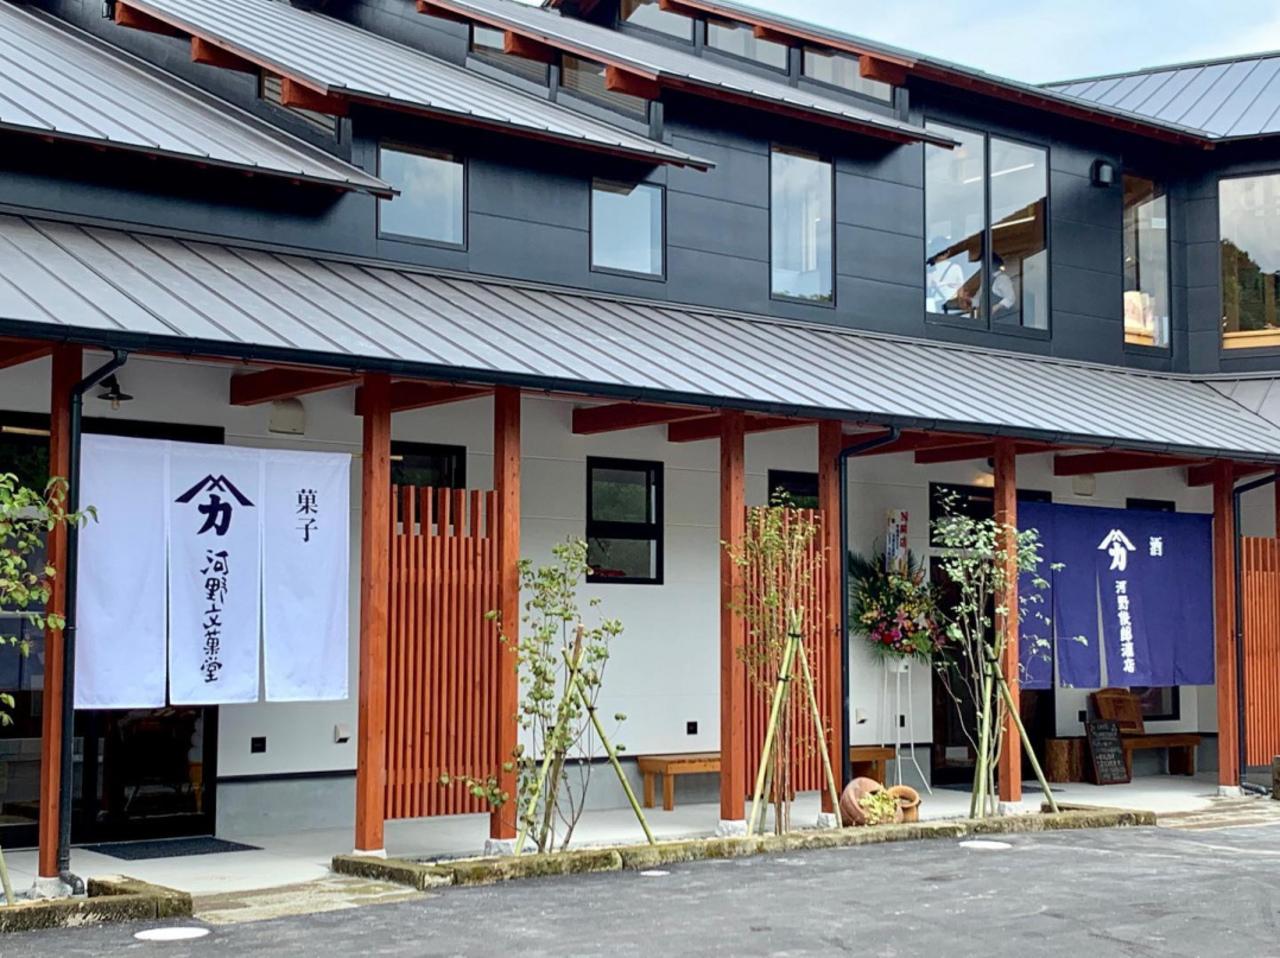 人が集い笑顔溢れるお店に...宮崎県宮崎市清武町乙に『河野文菓堂』移転オープン